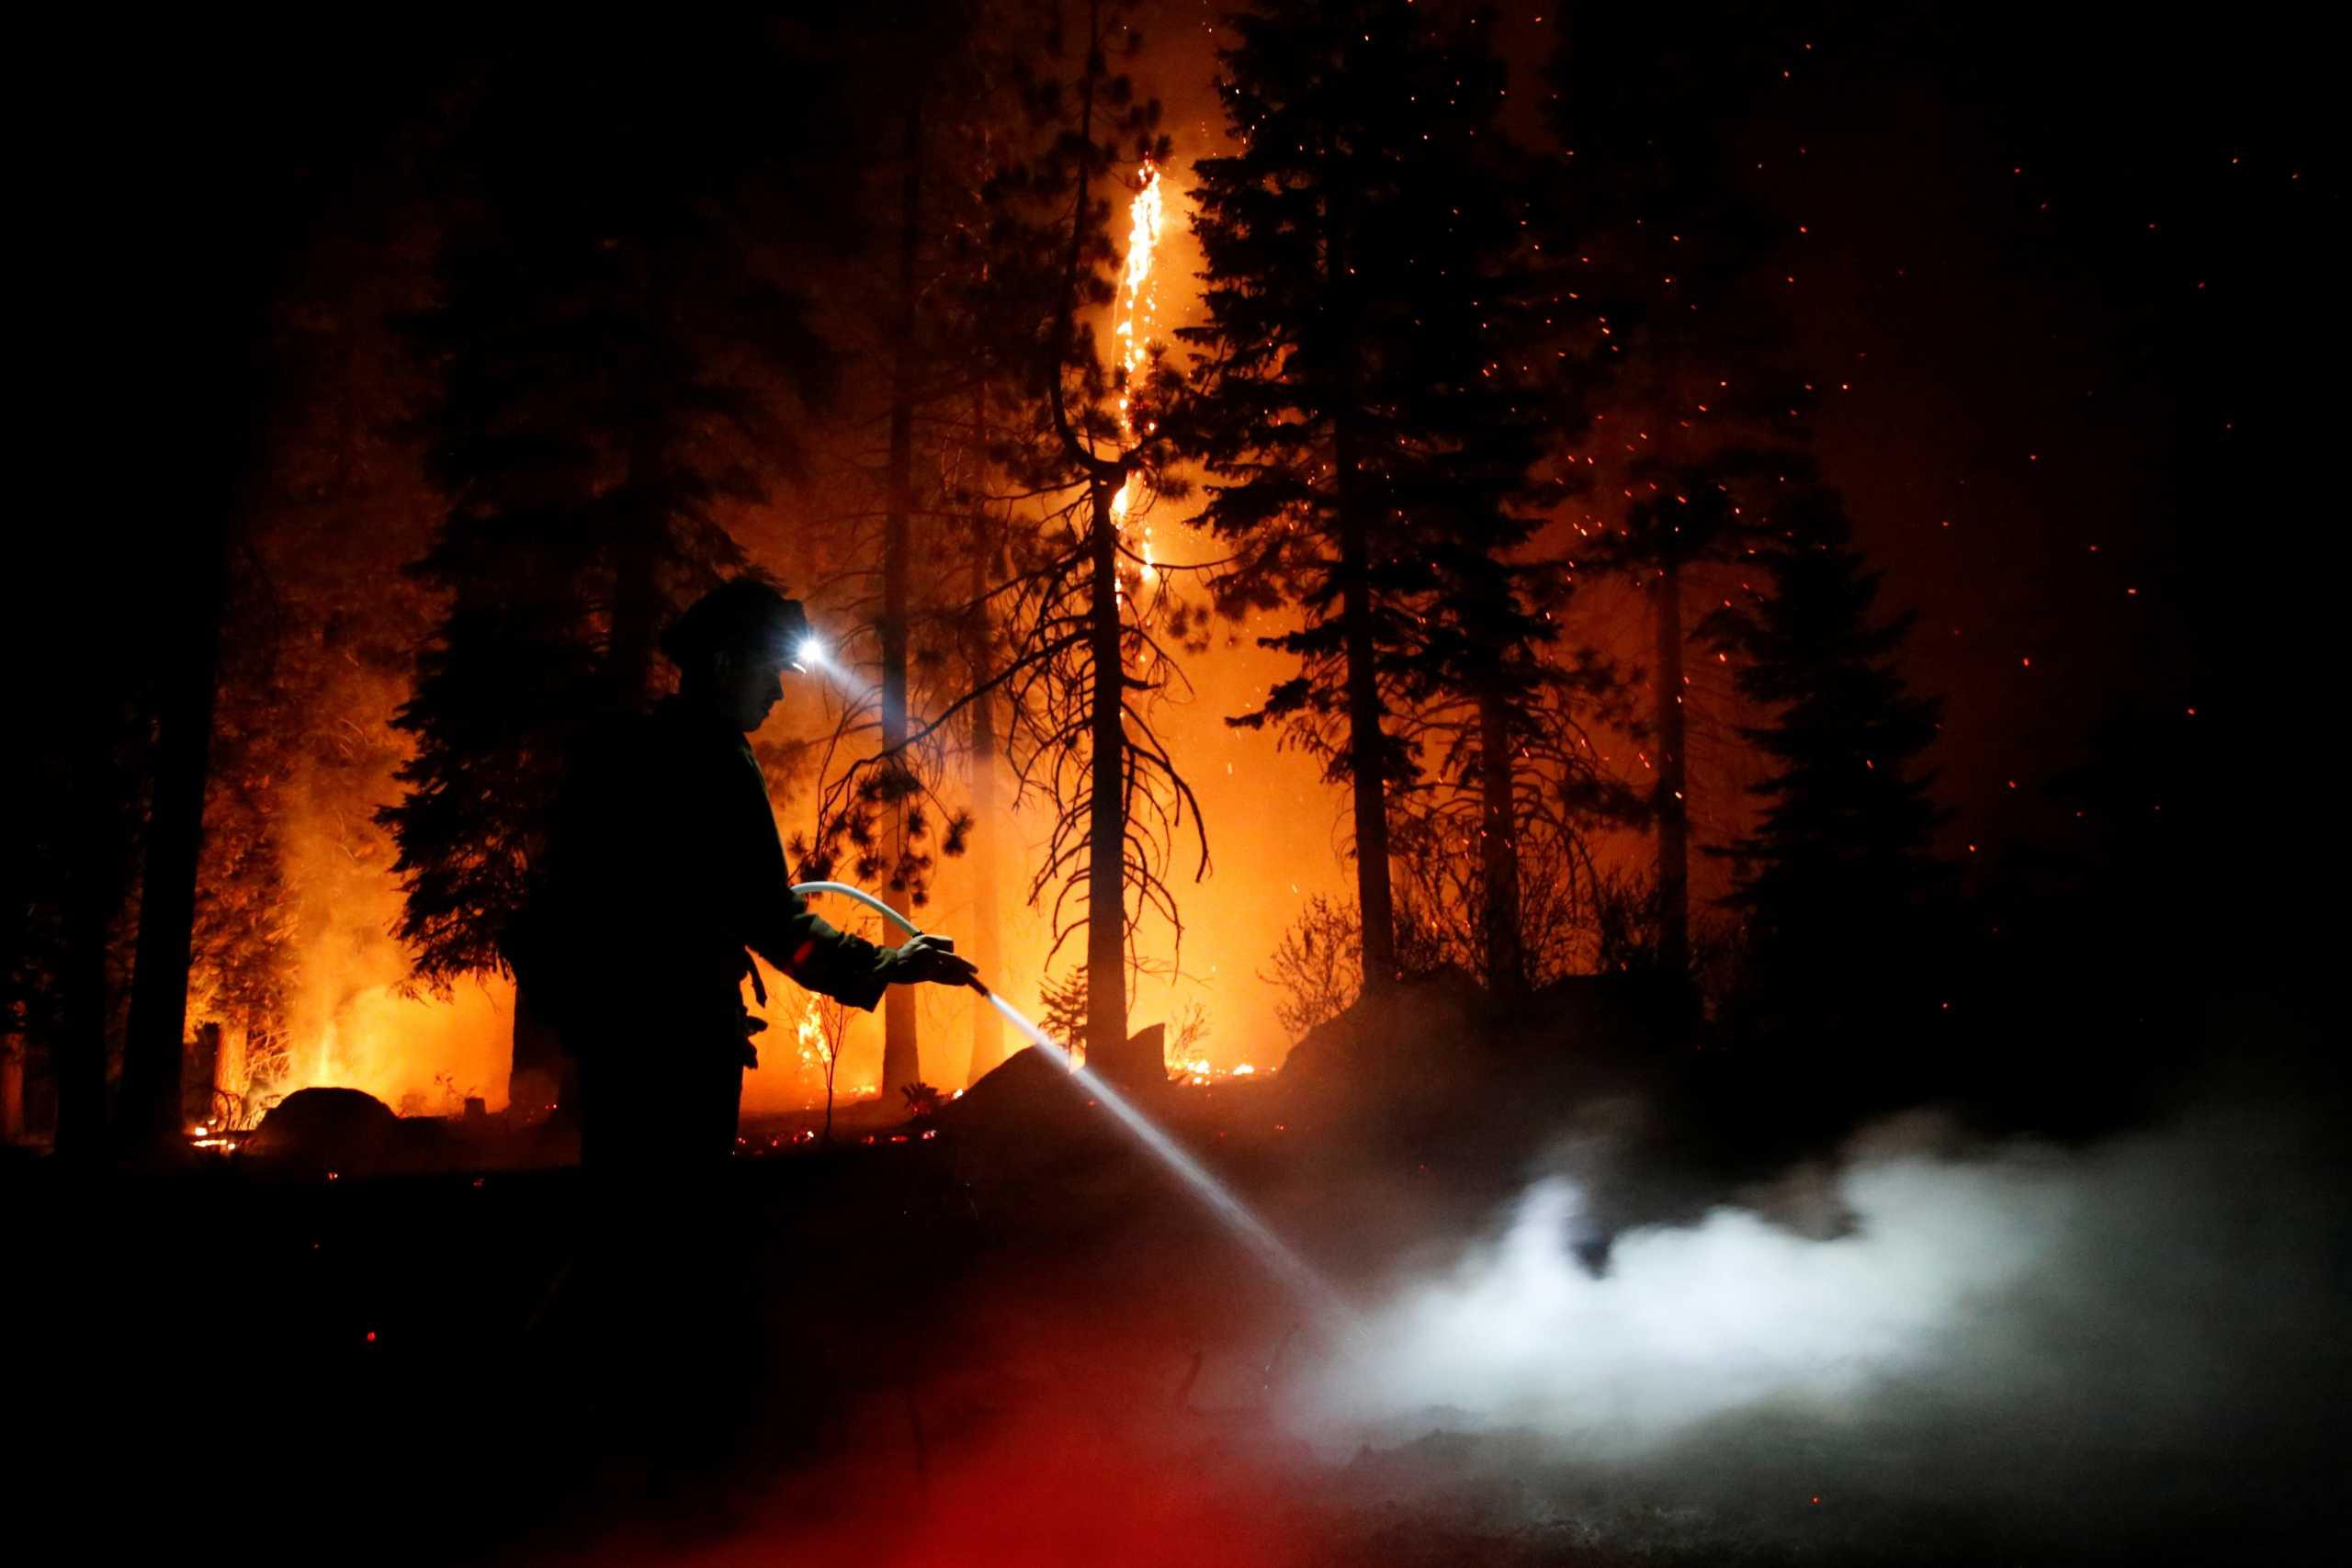 ΗΠΑ: Σε κατάσταση έκτακτης ανάγκης η Καλιφόρνια εξαιτίας  της καταστροφικής πυρκαγιάς Κάλντορ